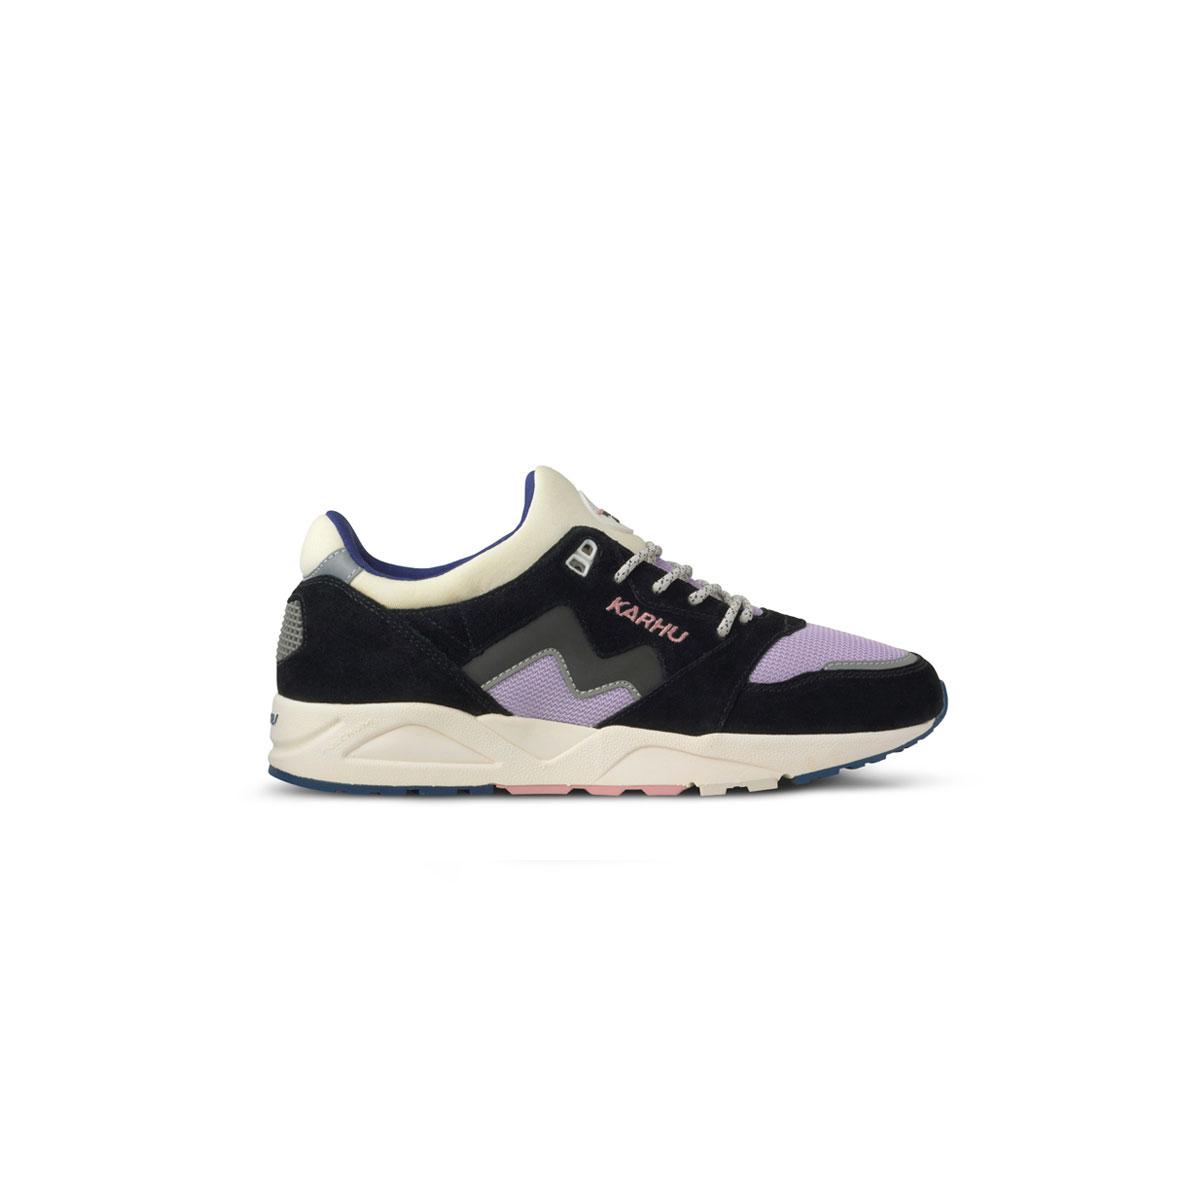 KARHU ARIA 95 Jet Black/ Purple Heather